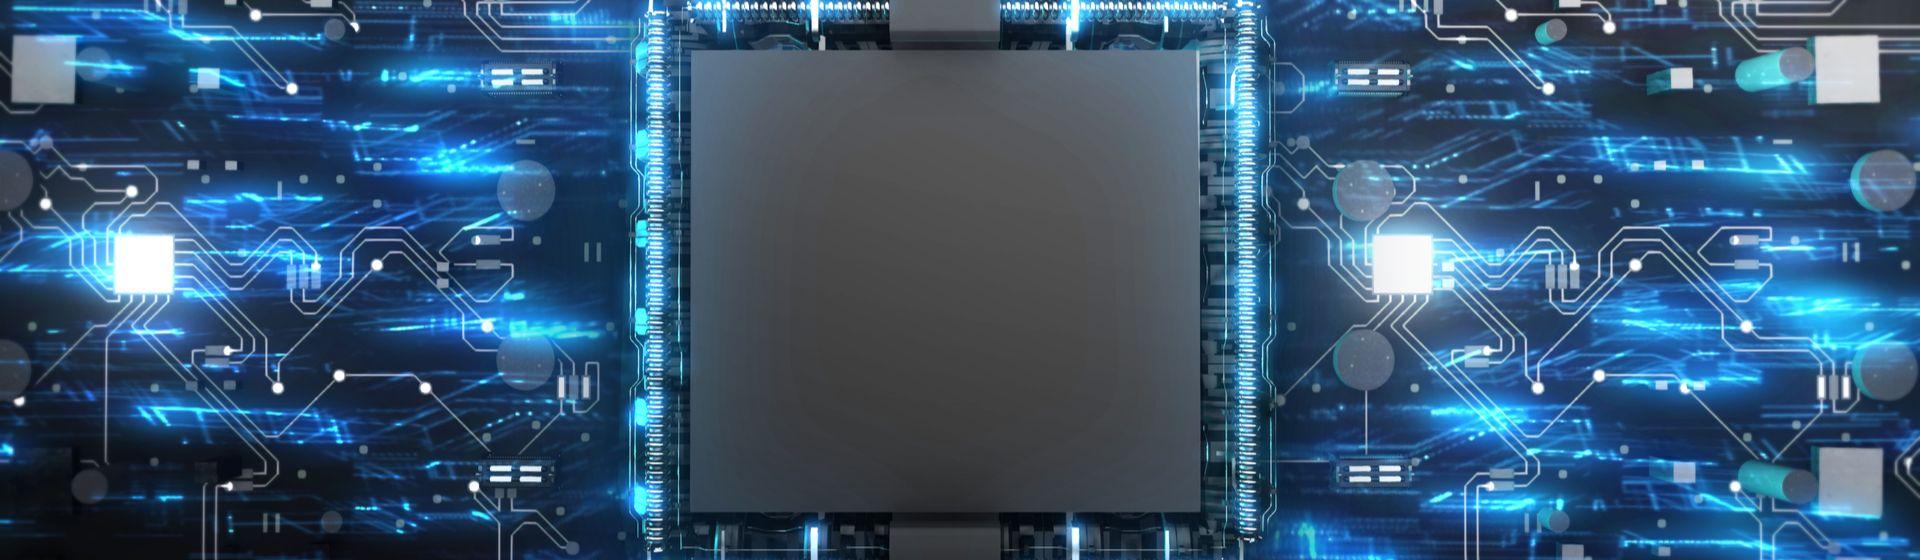 Como comparar processadores? Aprenda a escolher a melhor CPU para você